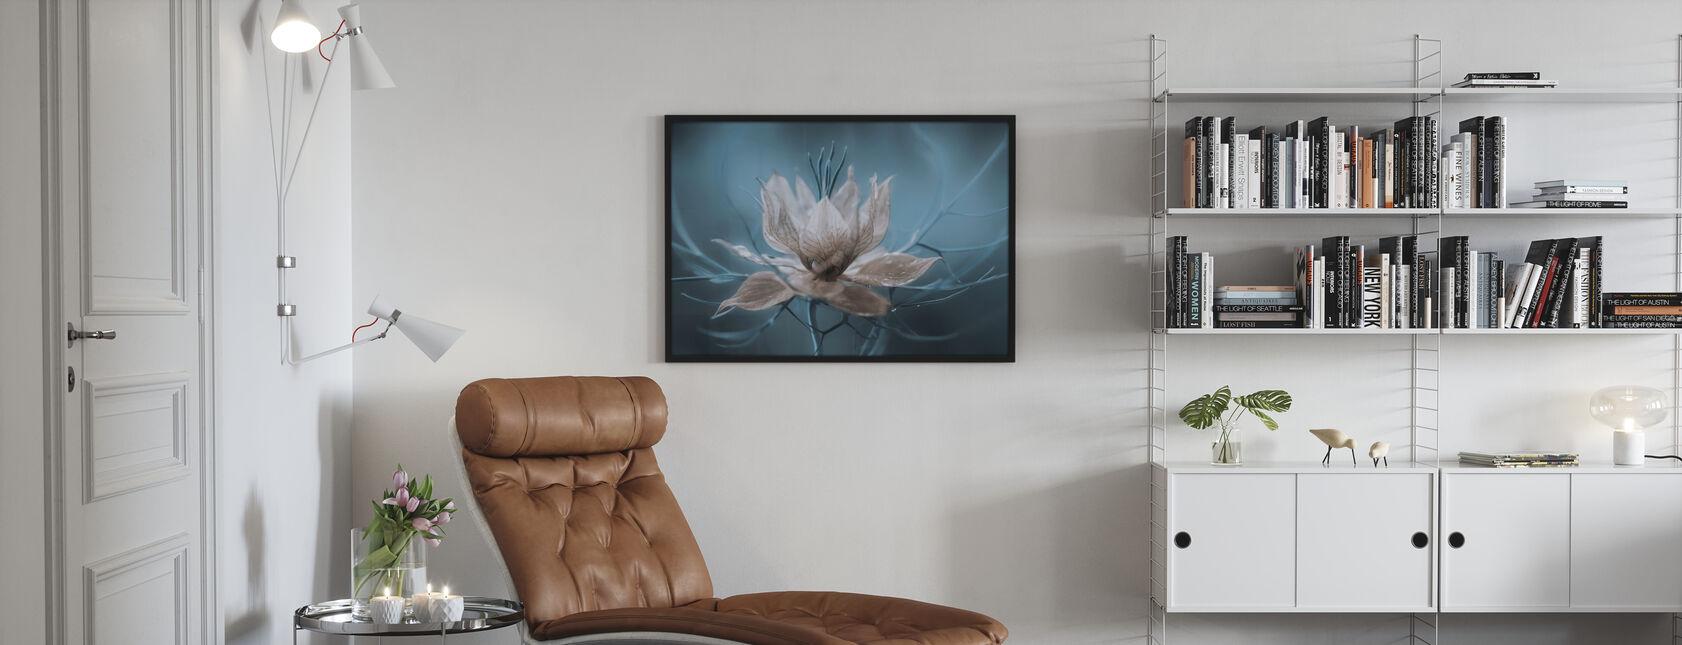 Nigella - Poster - Wohnzimmer